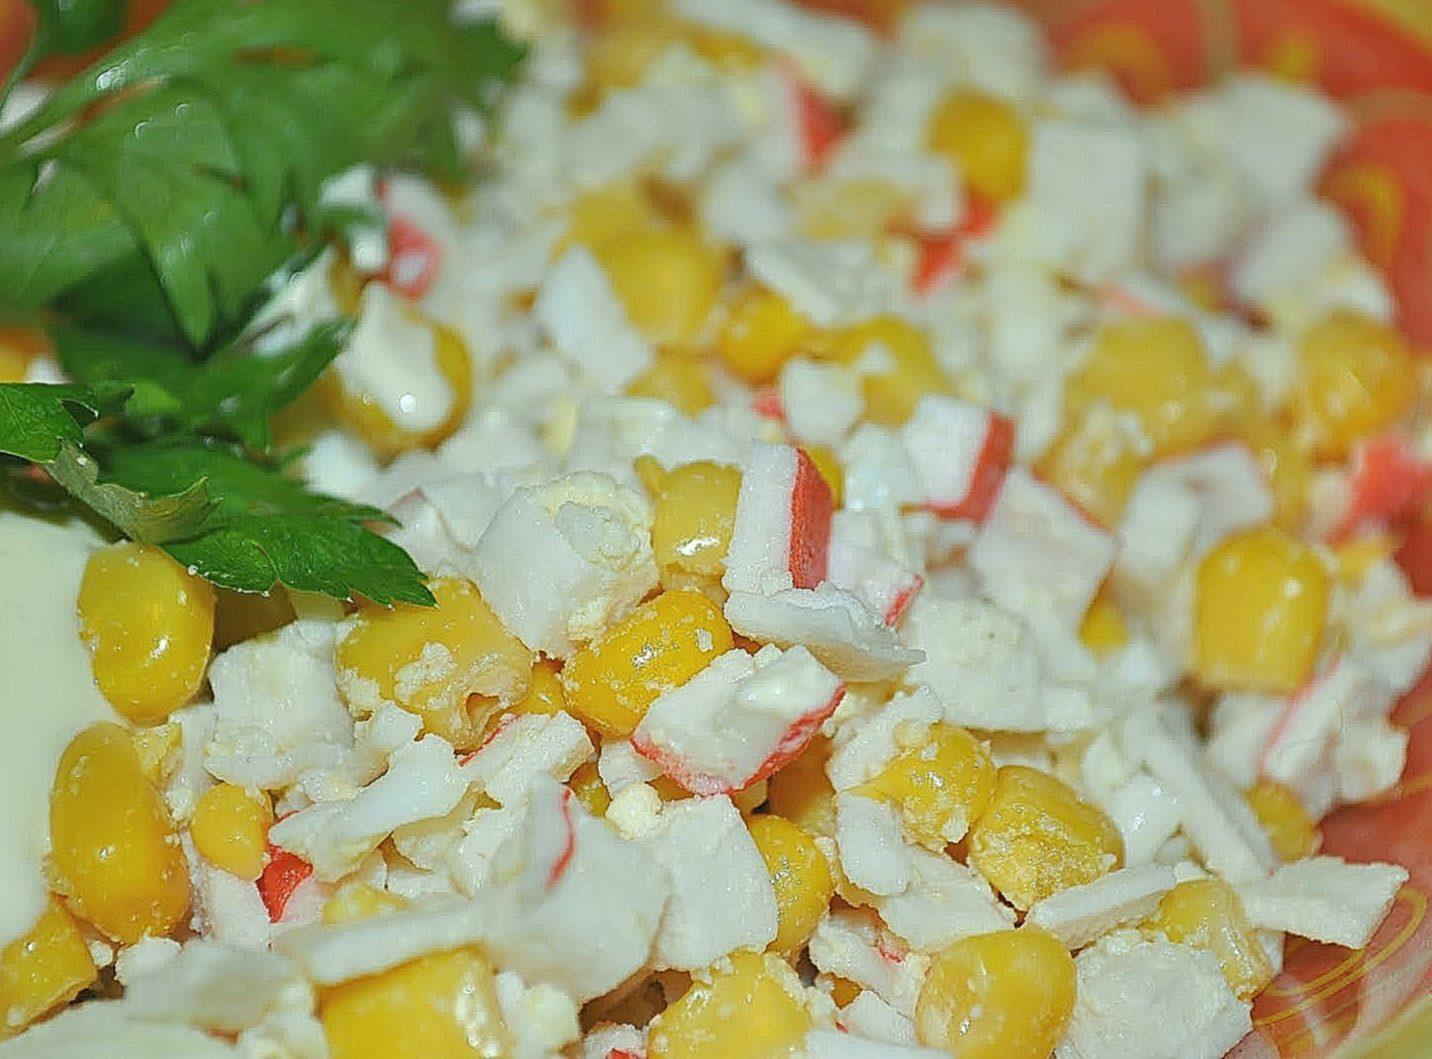 Салат с крабовыми палочками — 8 классических рецептов салата из крабовых палочек с кукурузой этап 8